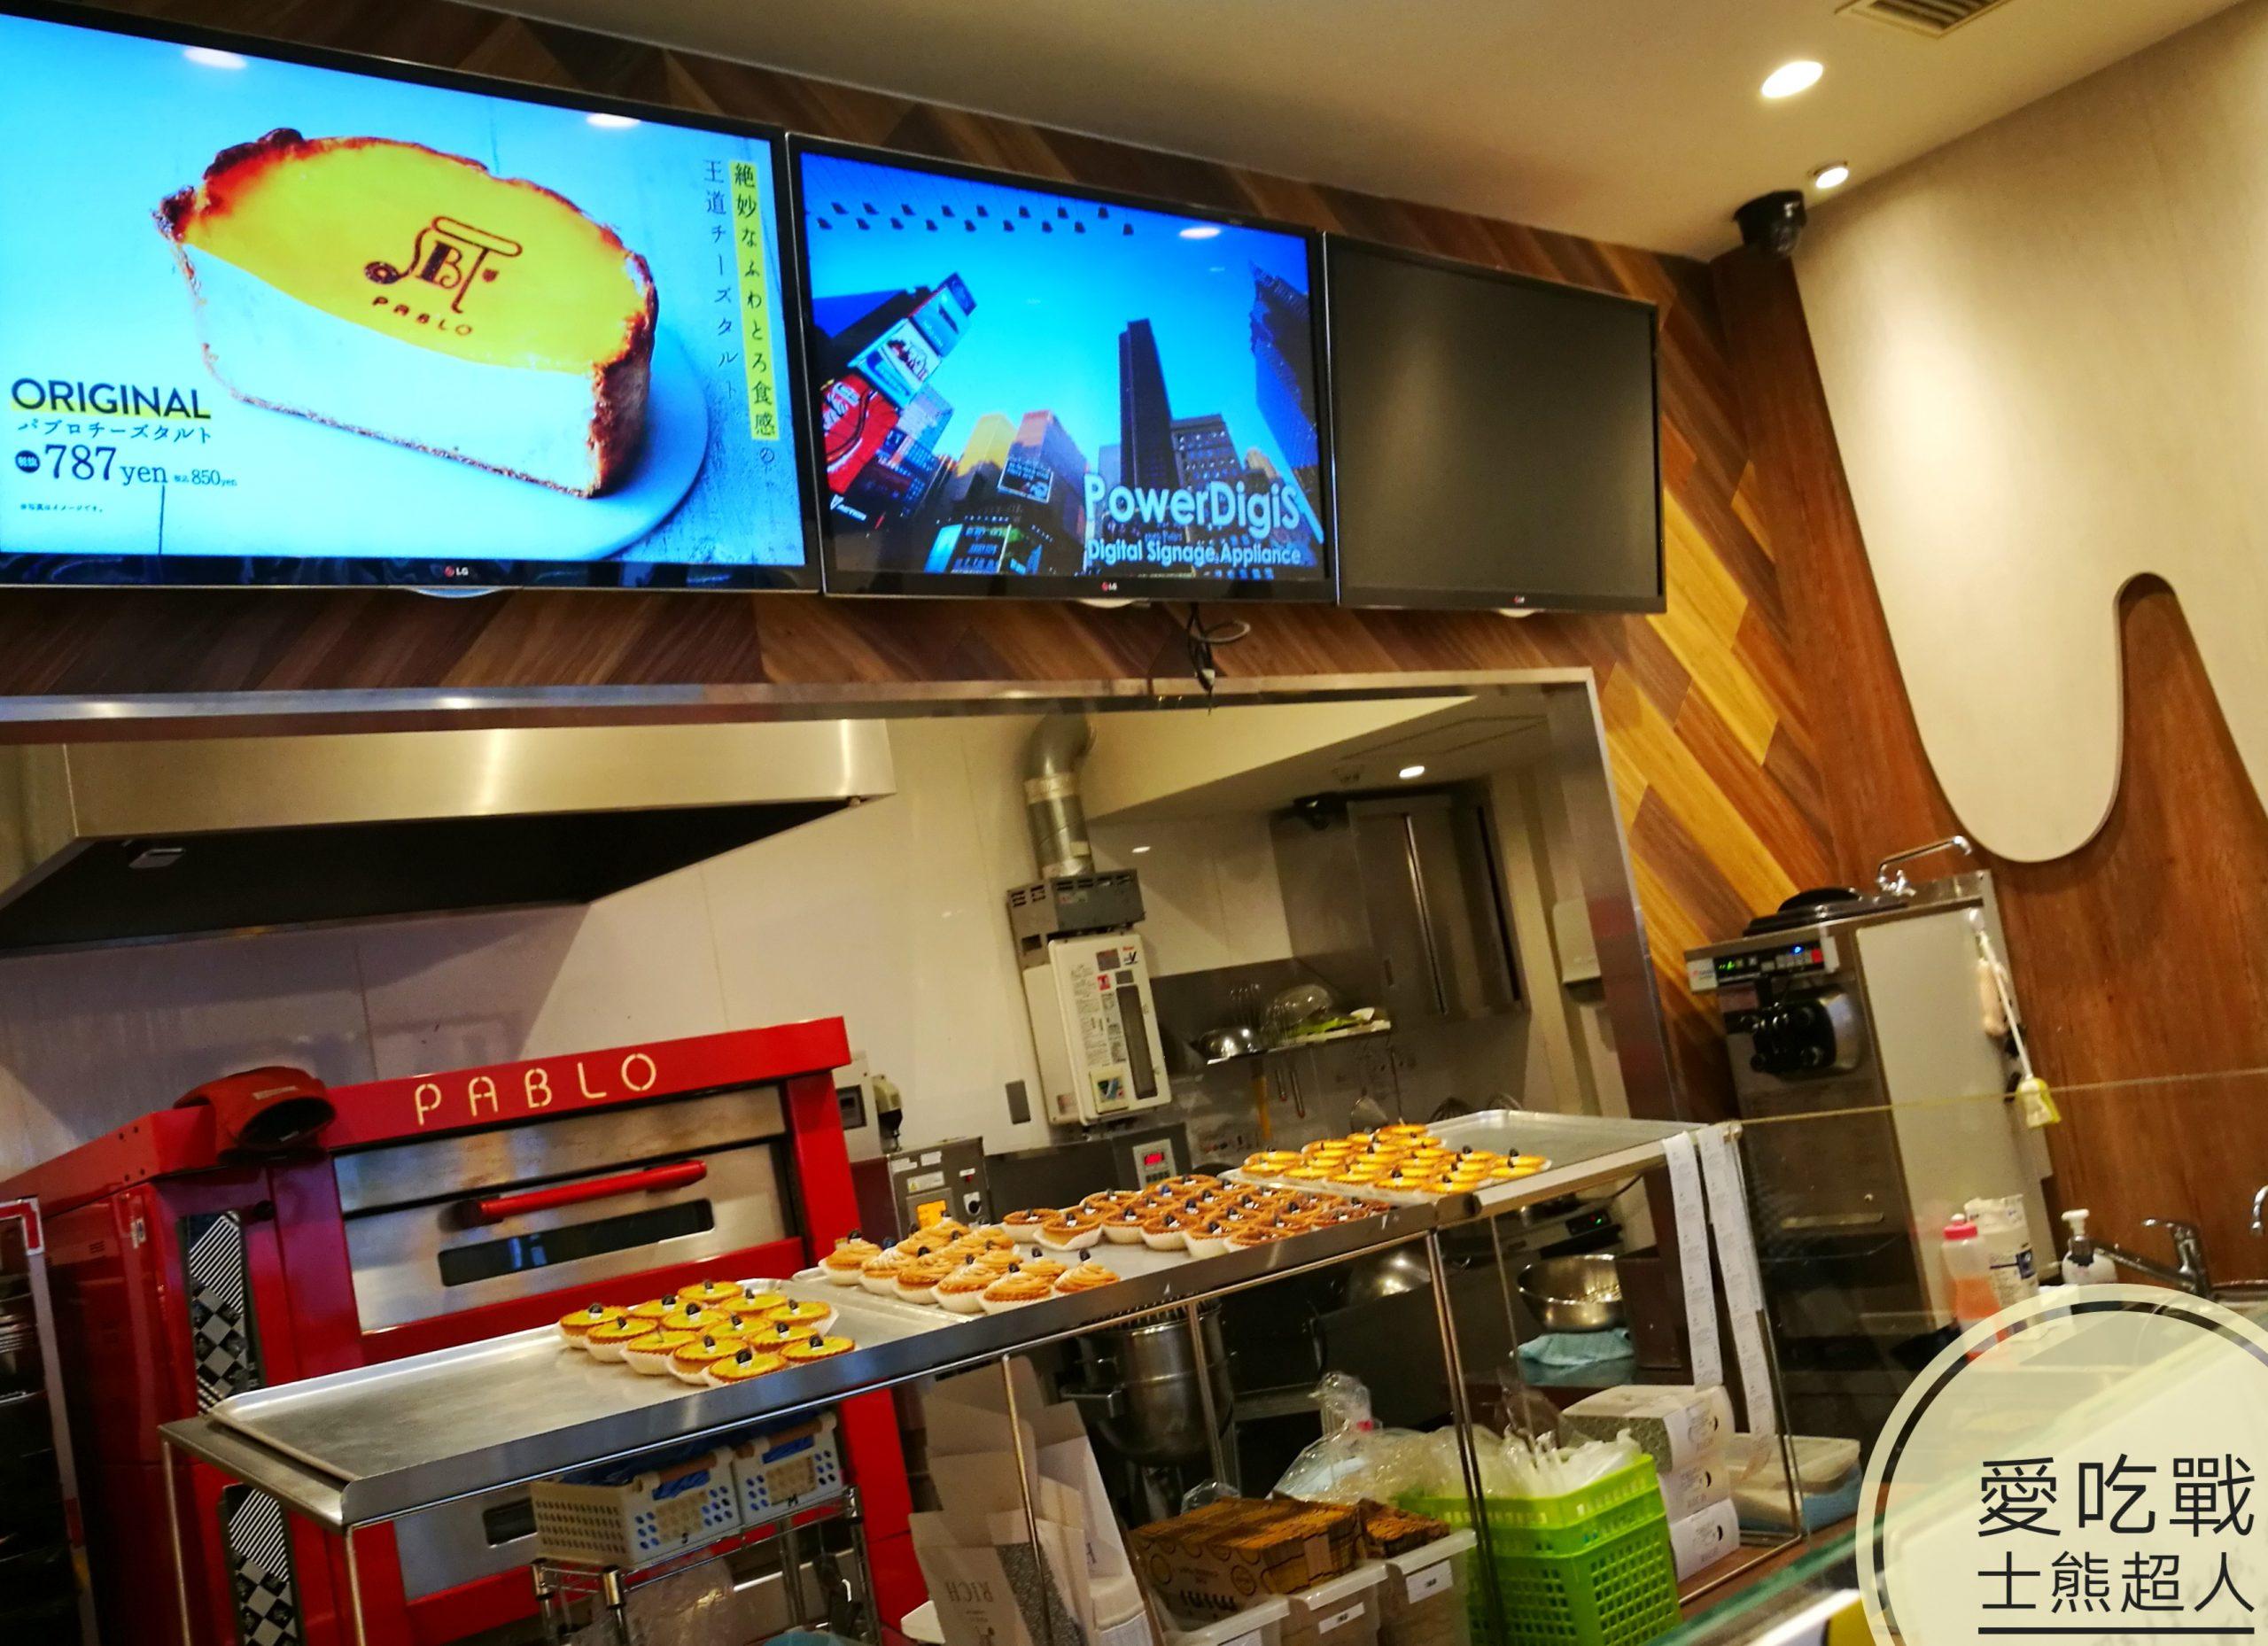 。大阪 美食。PABLO 半熟卵起司蛋糕:日本第一的排隊名店,來到大阪必吃啊!!